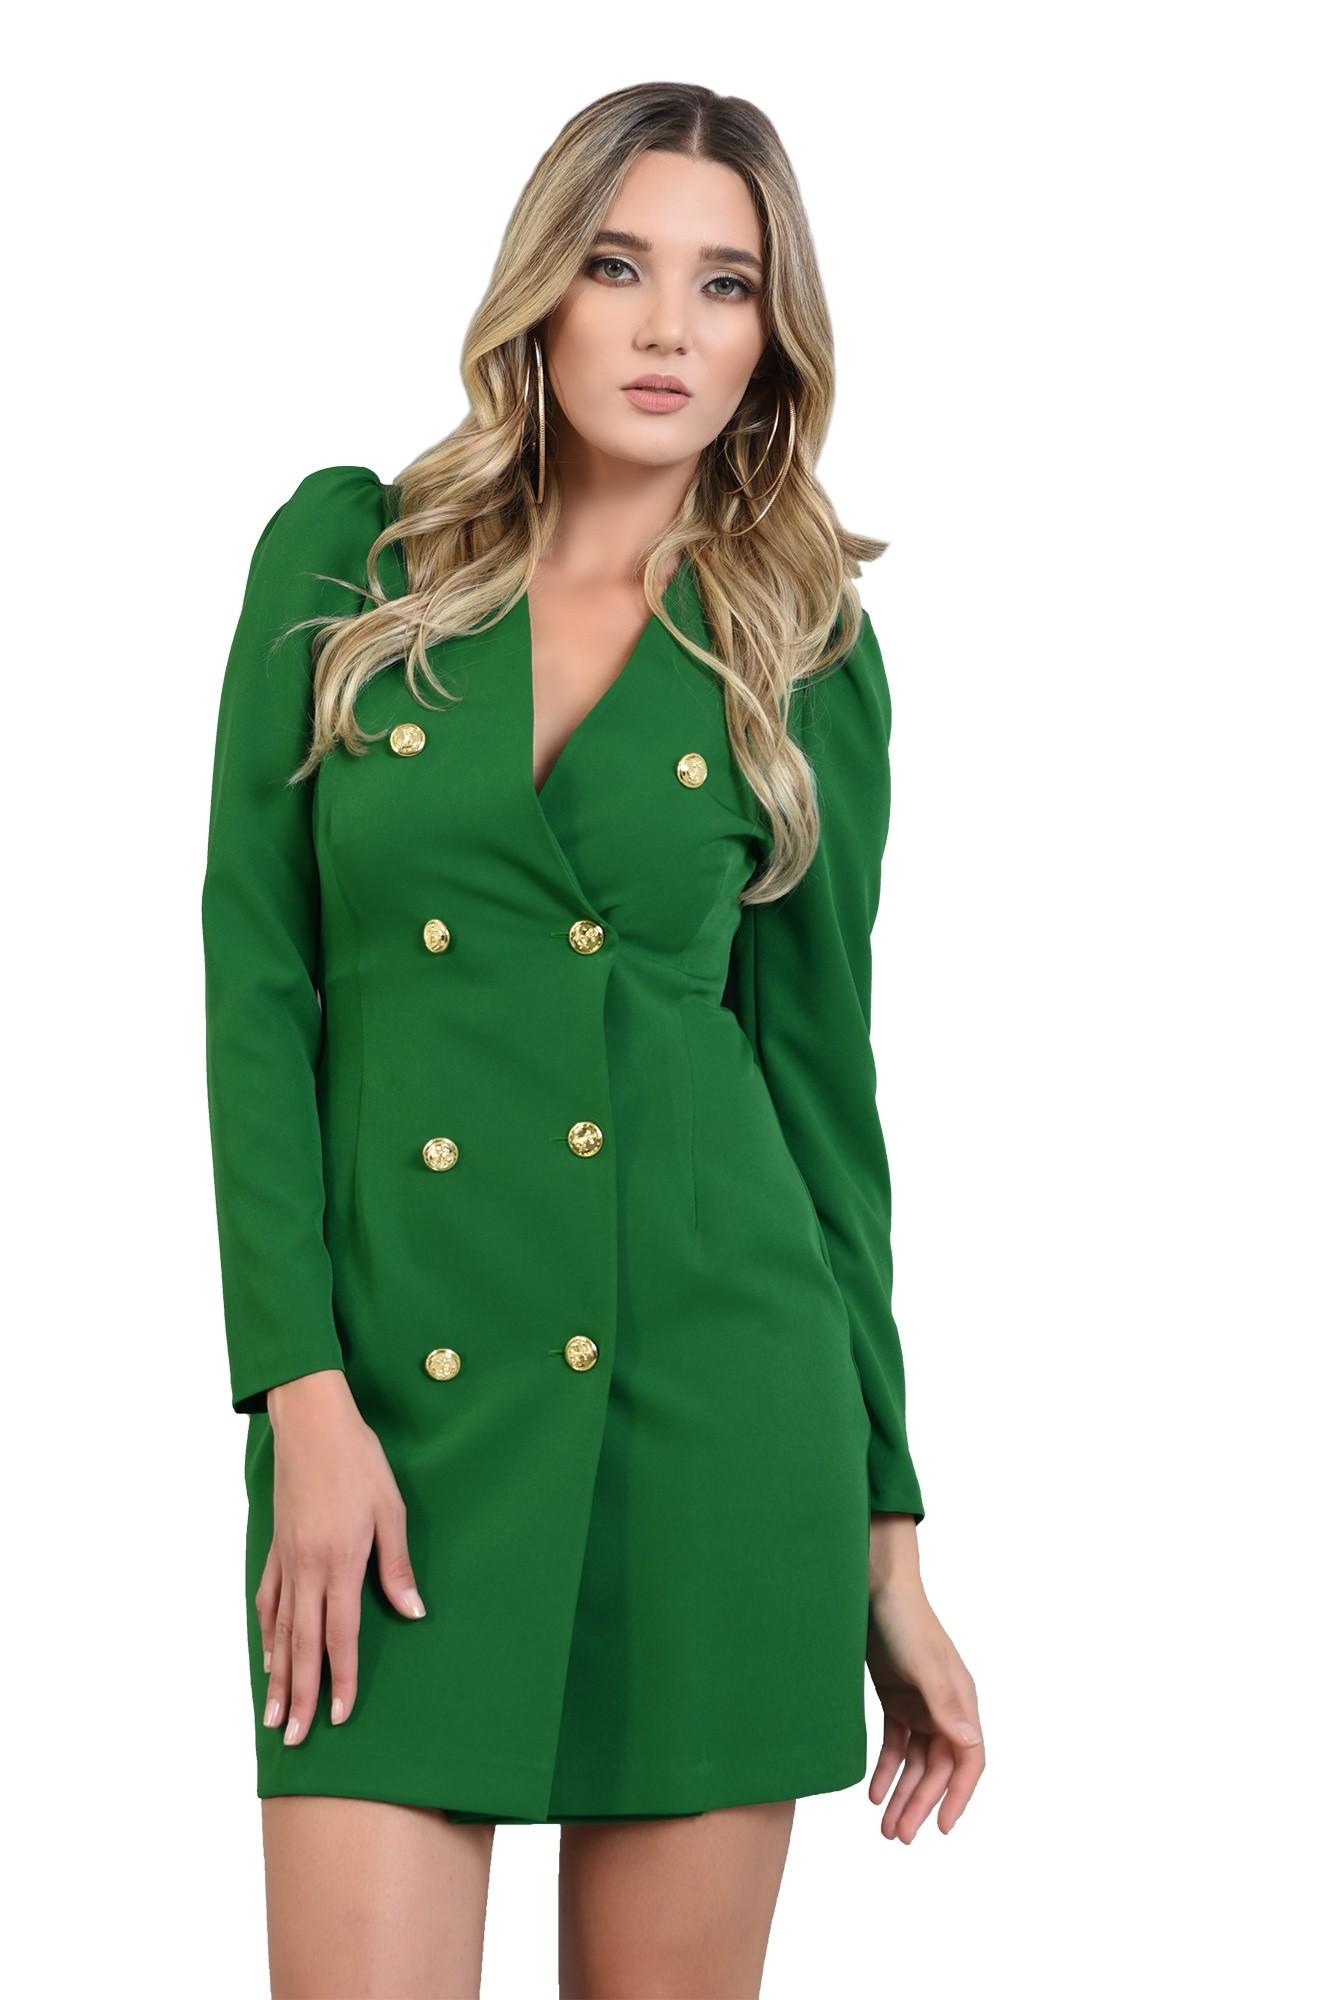 3 - rochie scurta, verde, cu maneca lunga